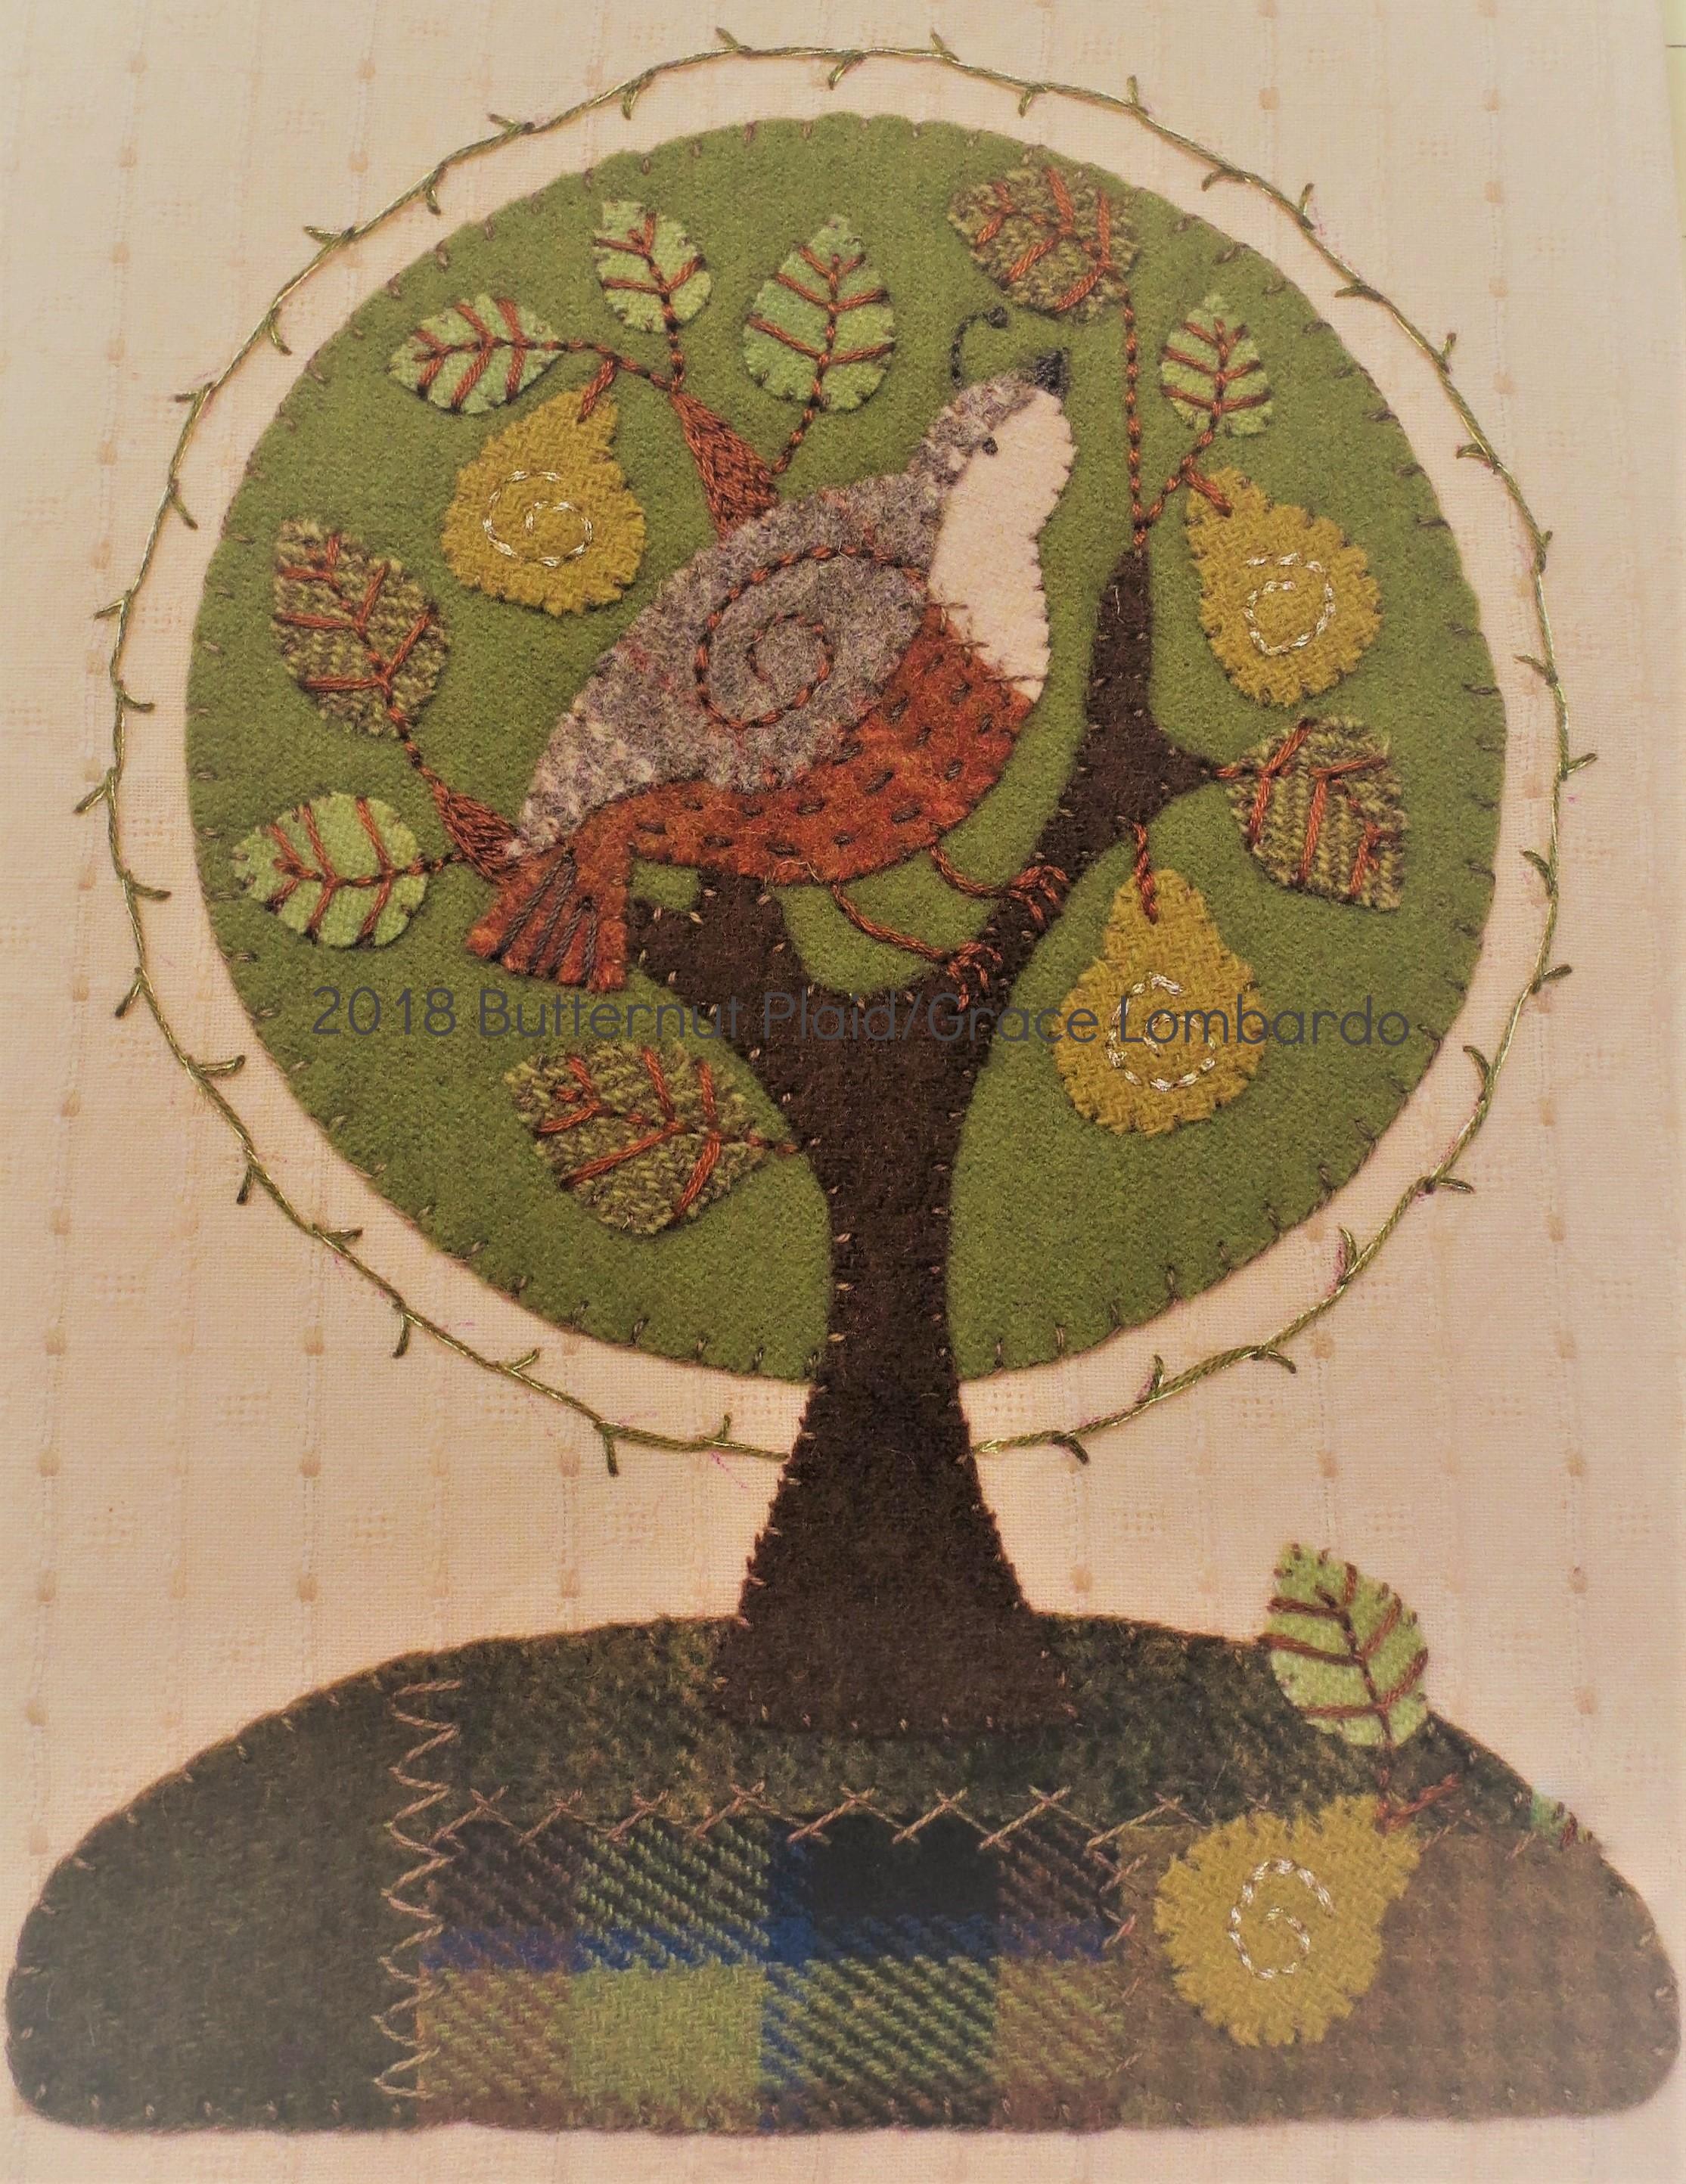 Partridge in a Pear Tree wool applique